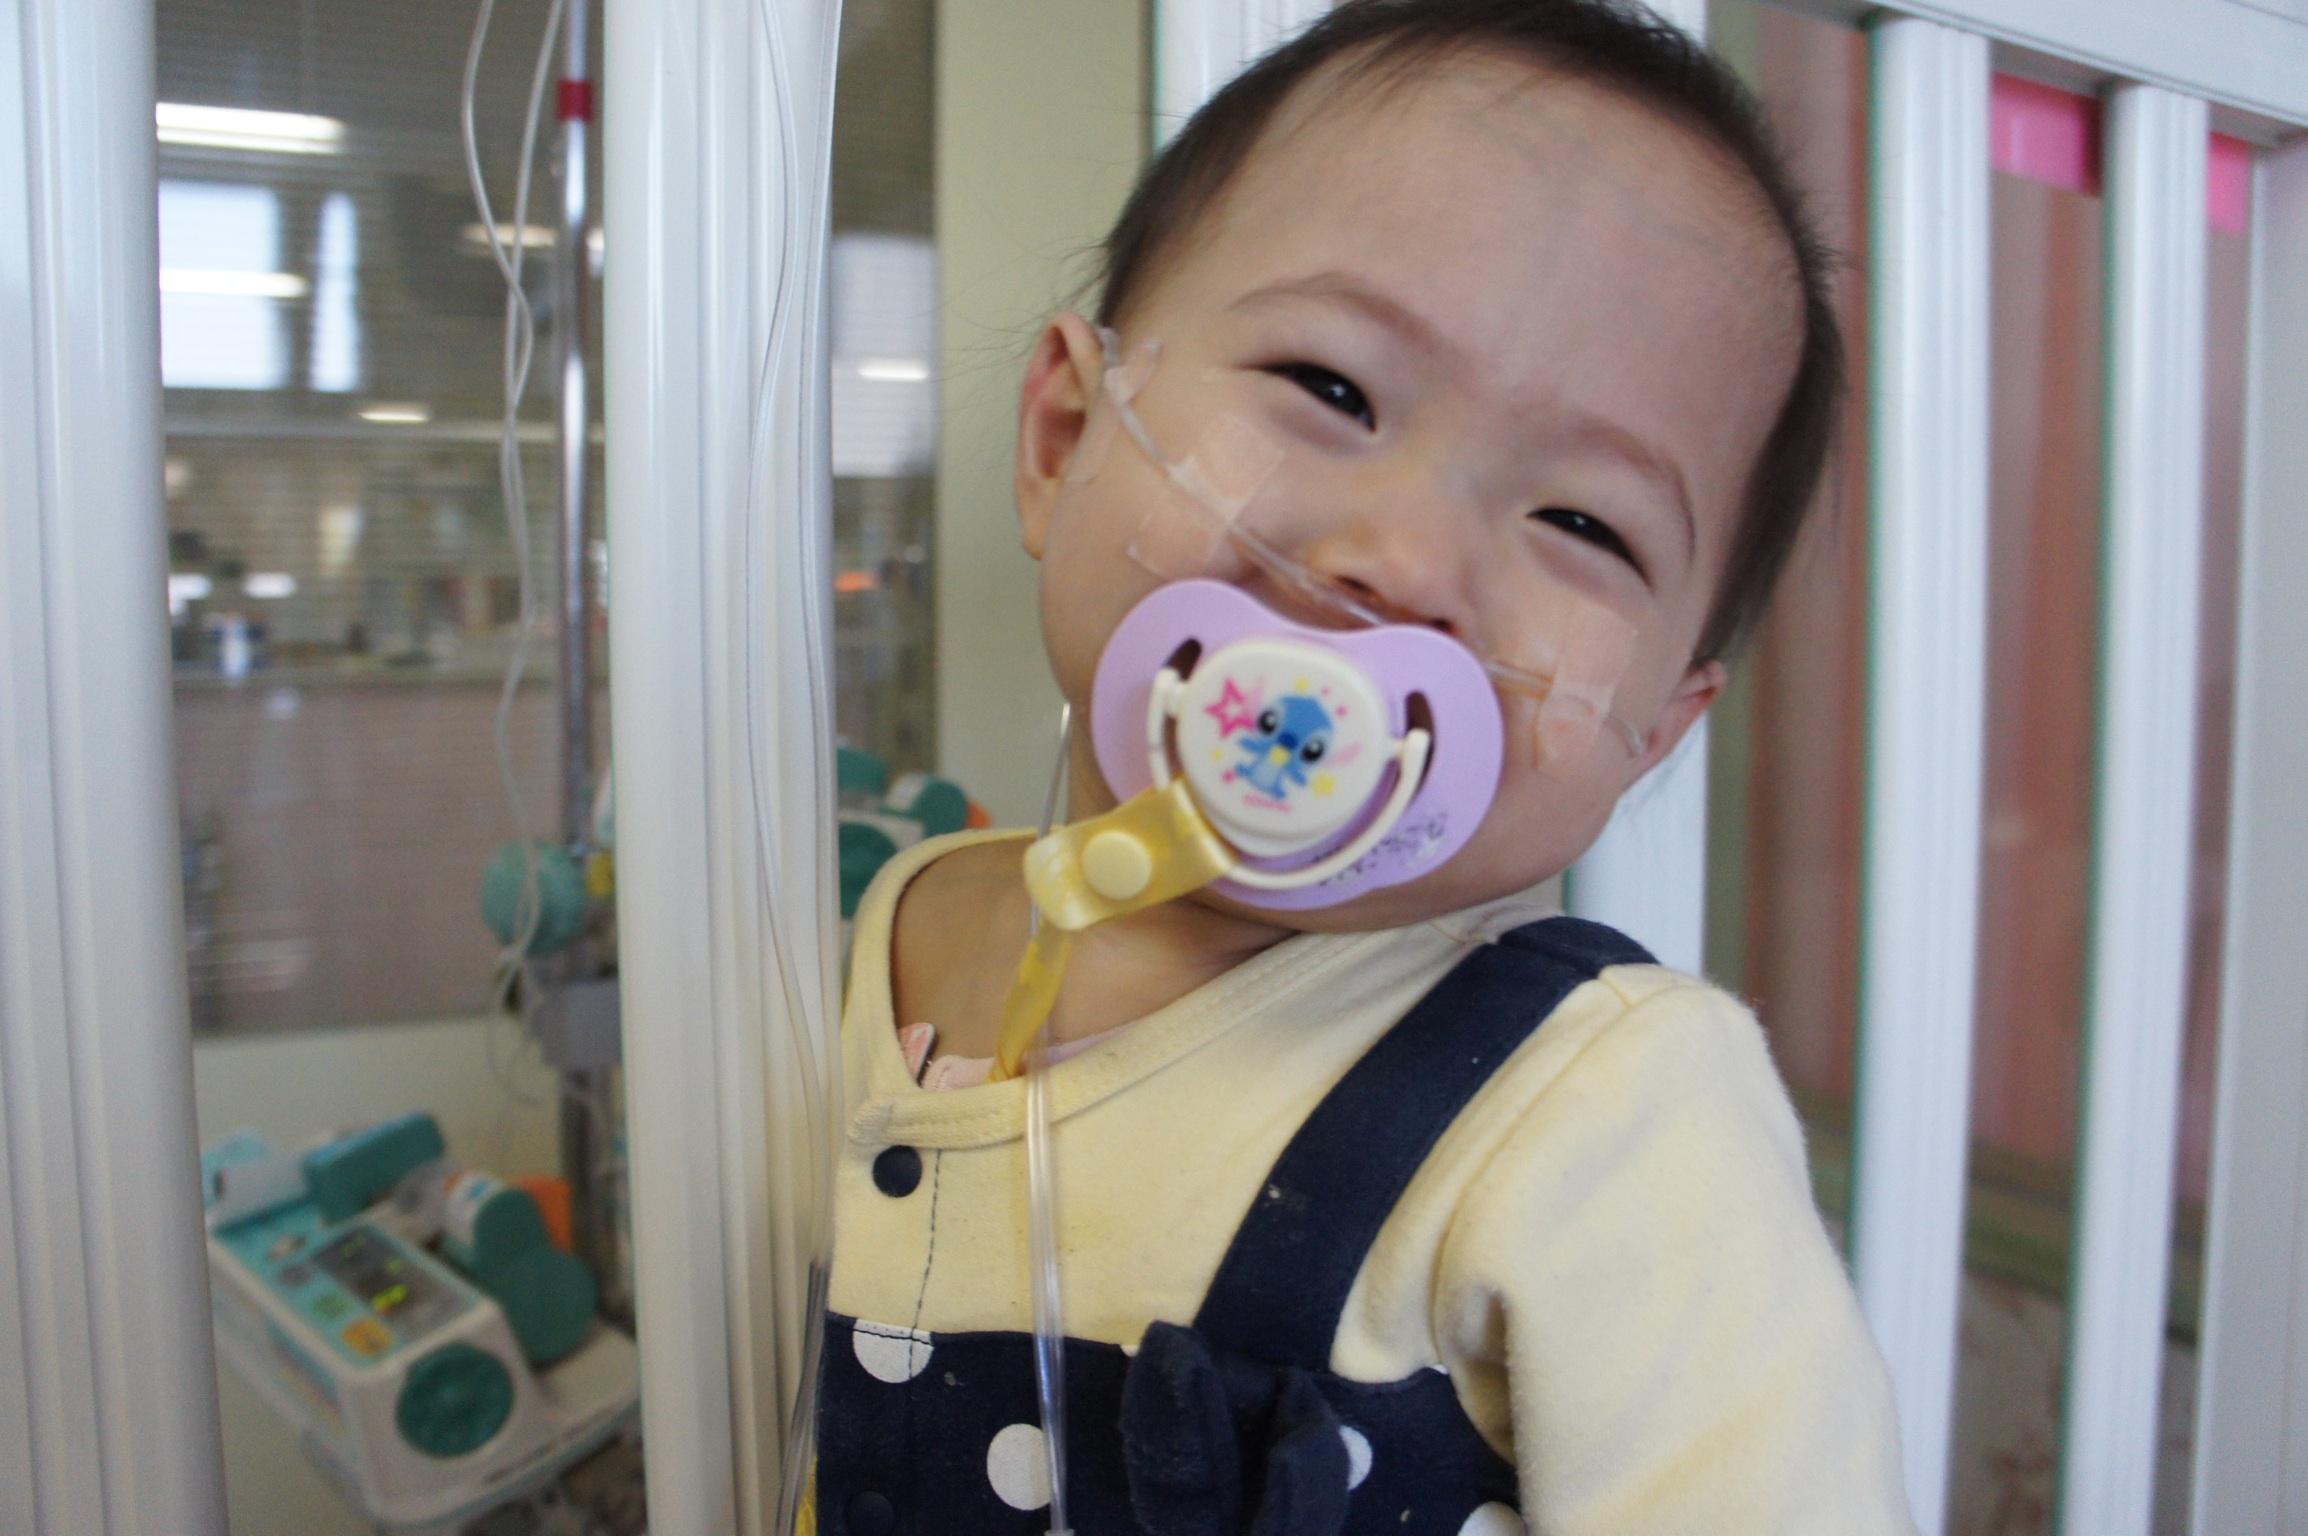 [100万人に1人の難病と闘うすずかちゃん(1歳7カ月)に肺移植を!]の画像